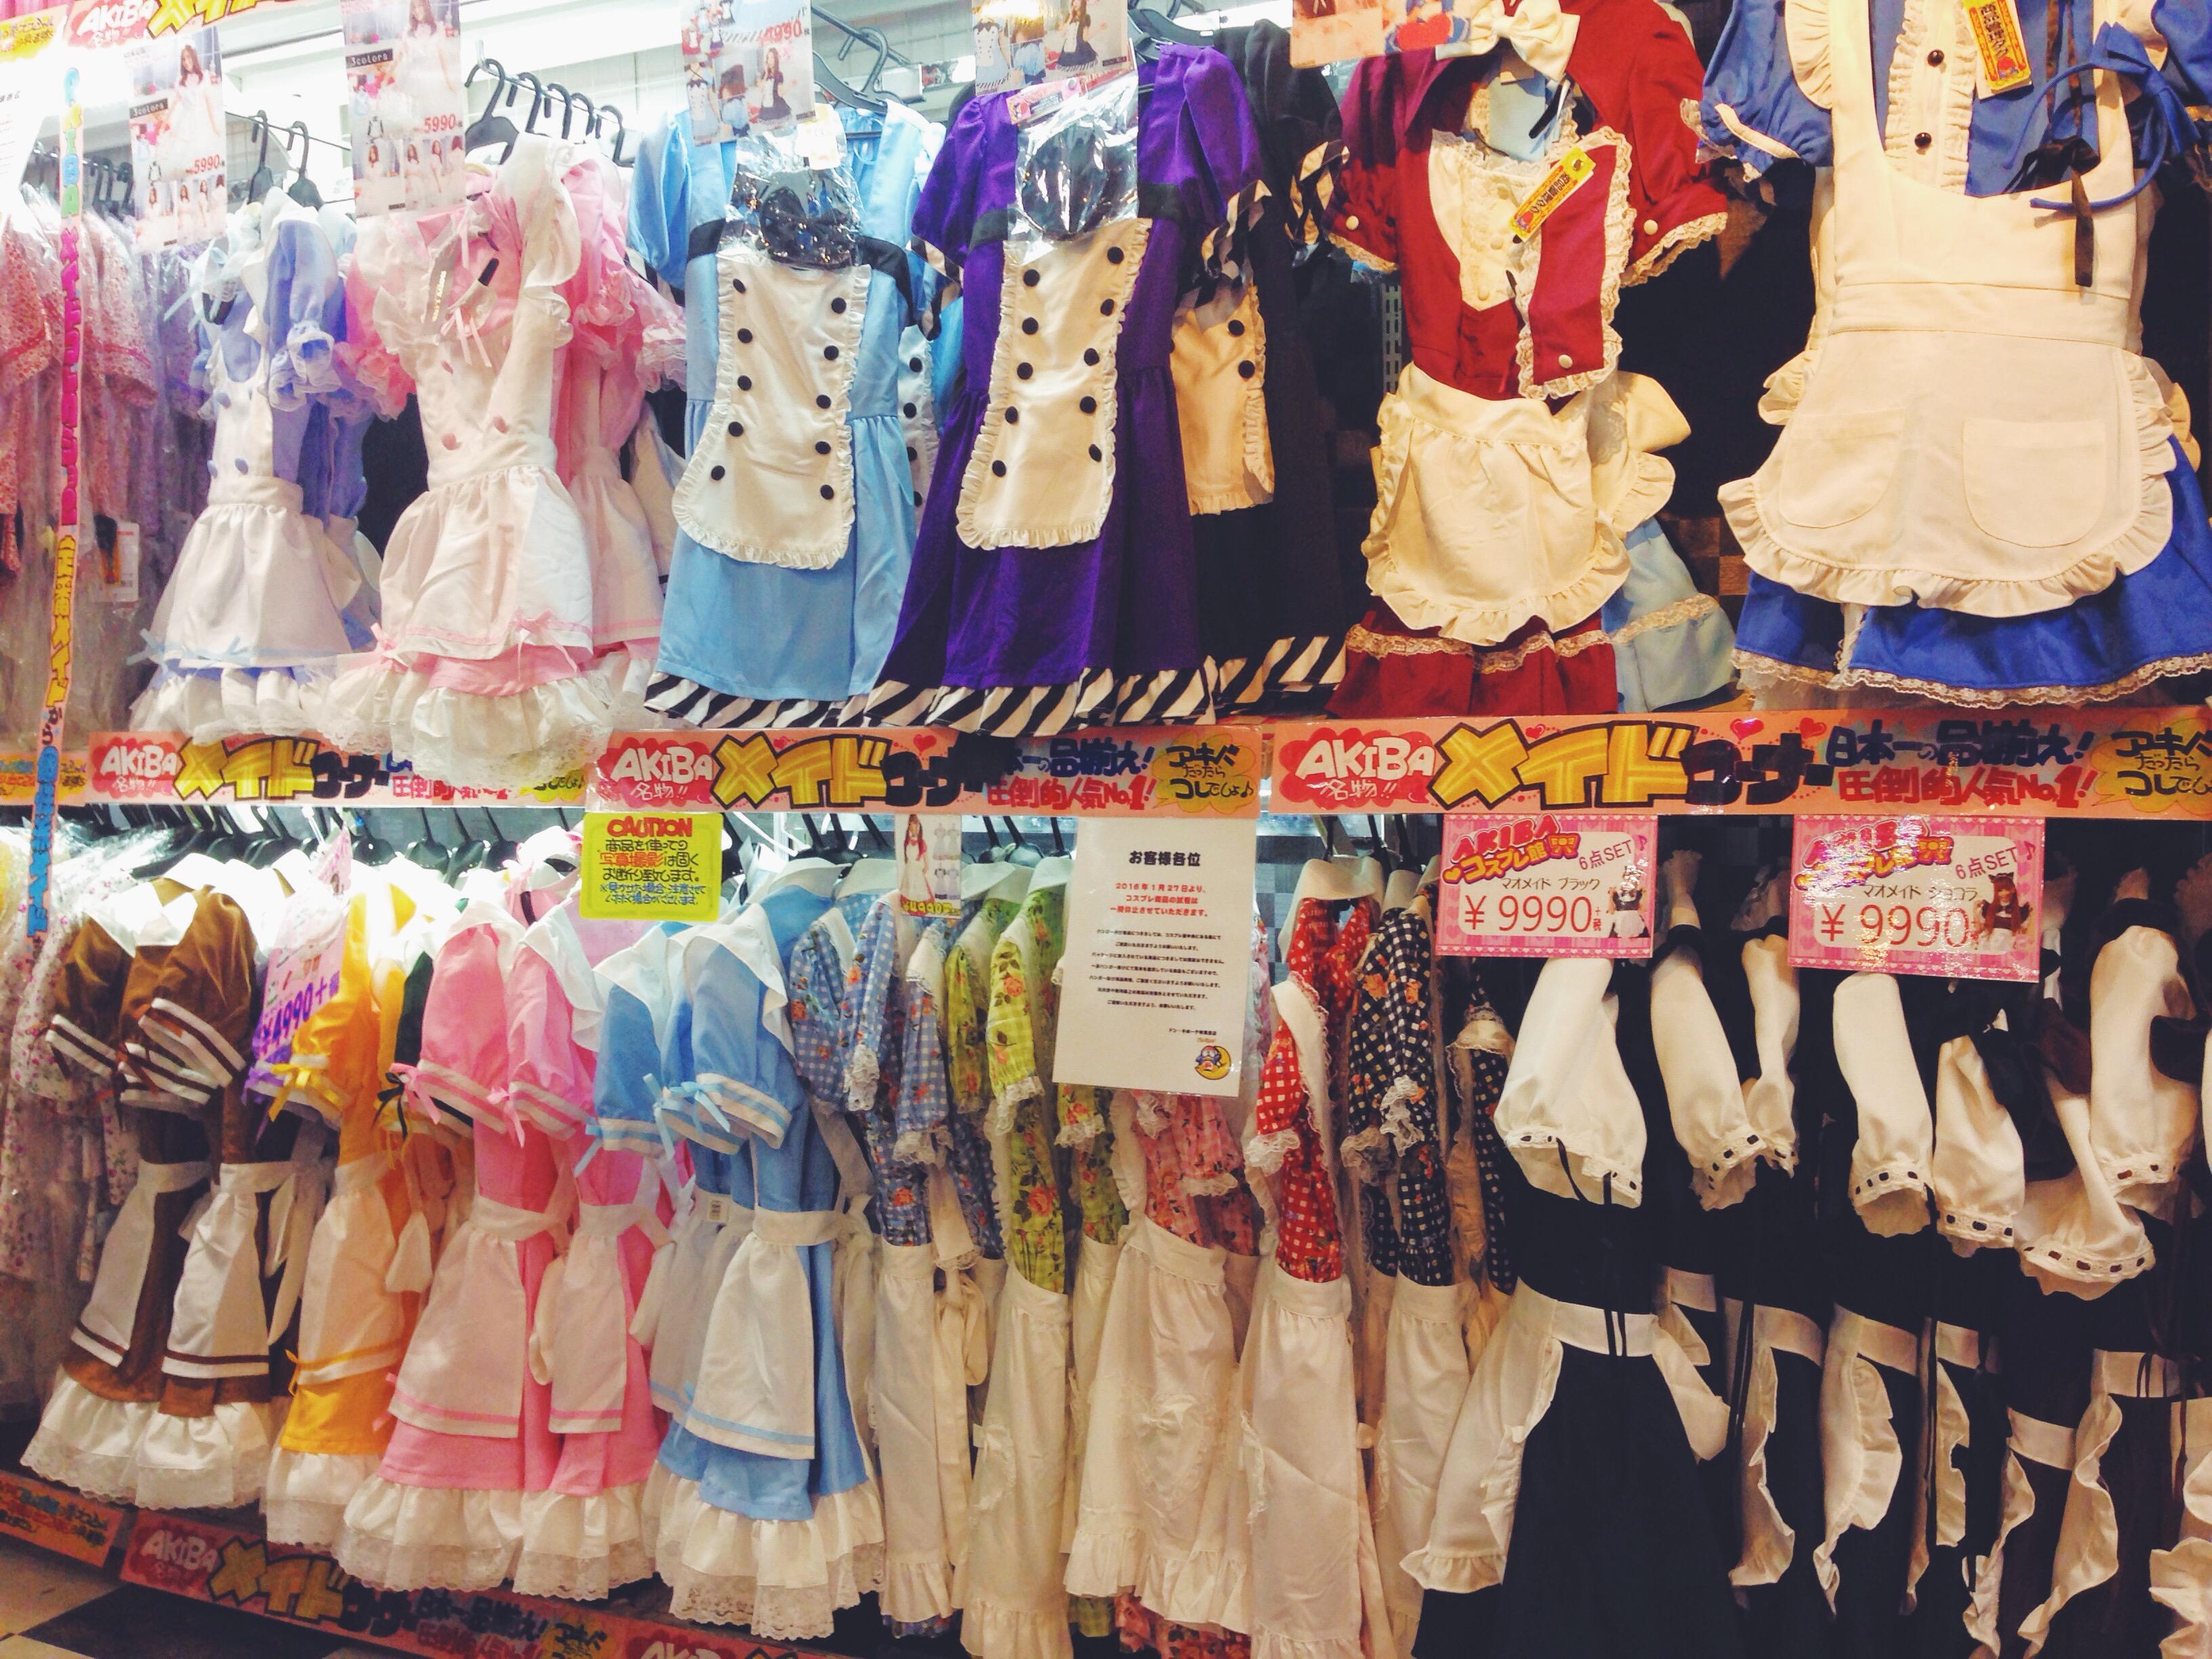 Vestitini da maid-cameriera ad Akihabara in Giappone, Tokyo